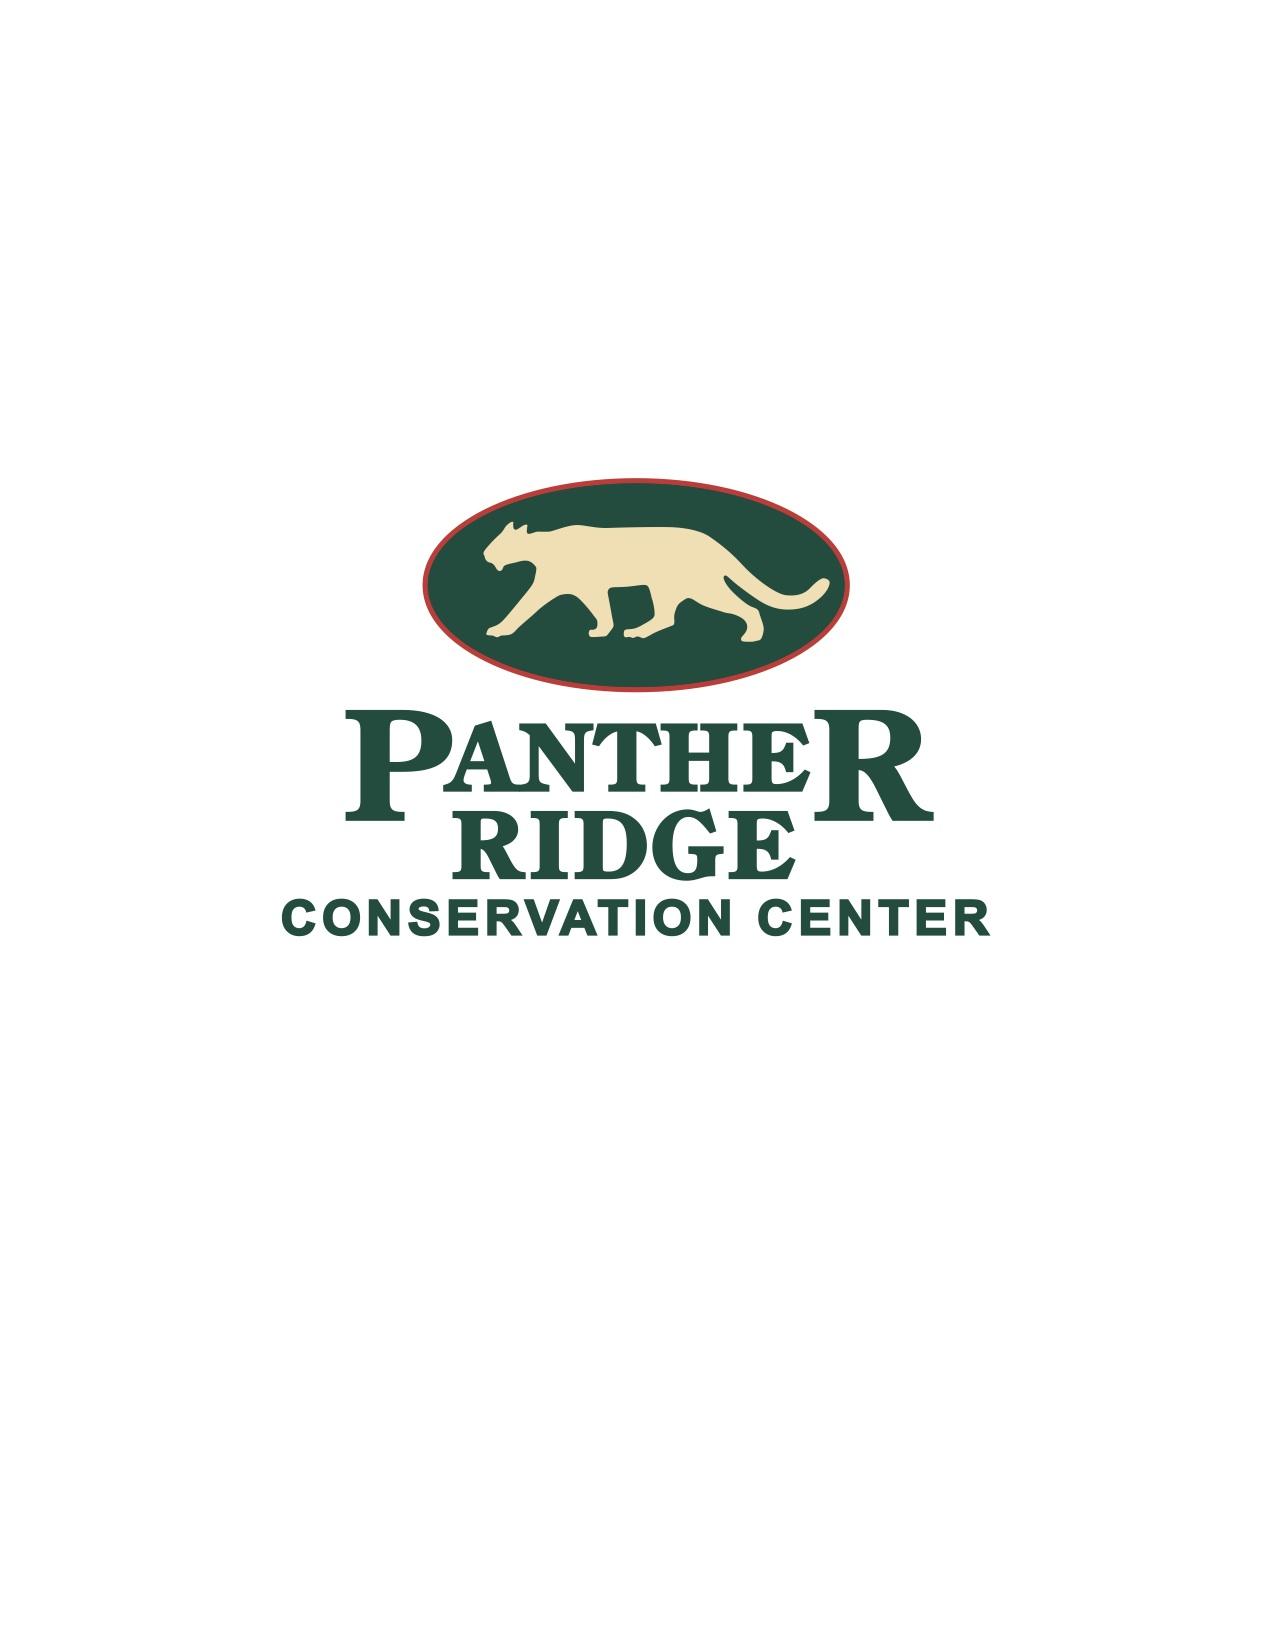 pantherridgefulllogocolor-copy-copy.jpg